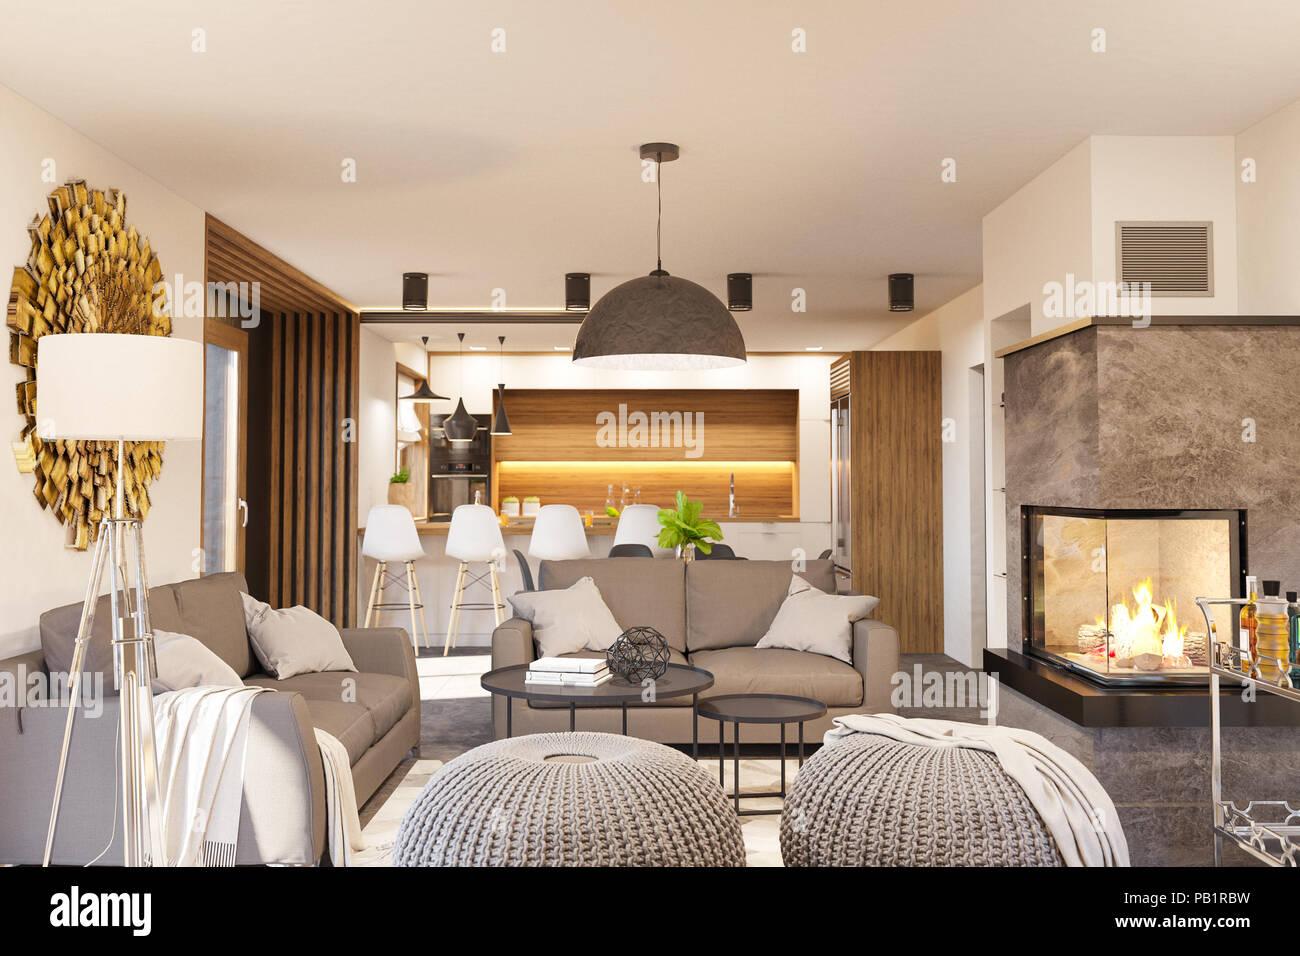 Salon et cuisine avec chemin e maison moderne en style minimaliste scandinave hygge rendu 3d - Cheminee interieur maison ...